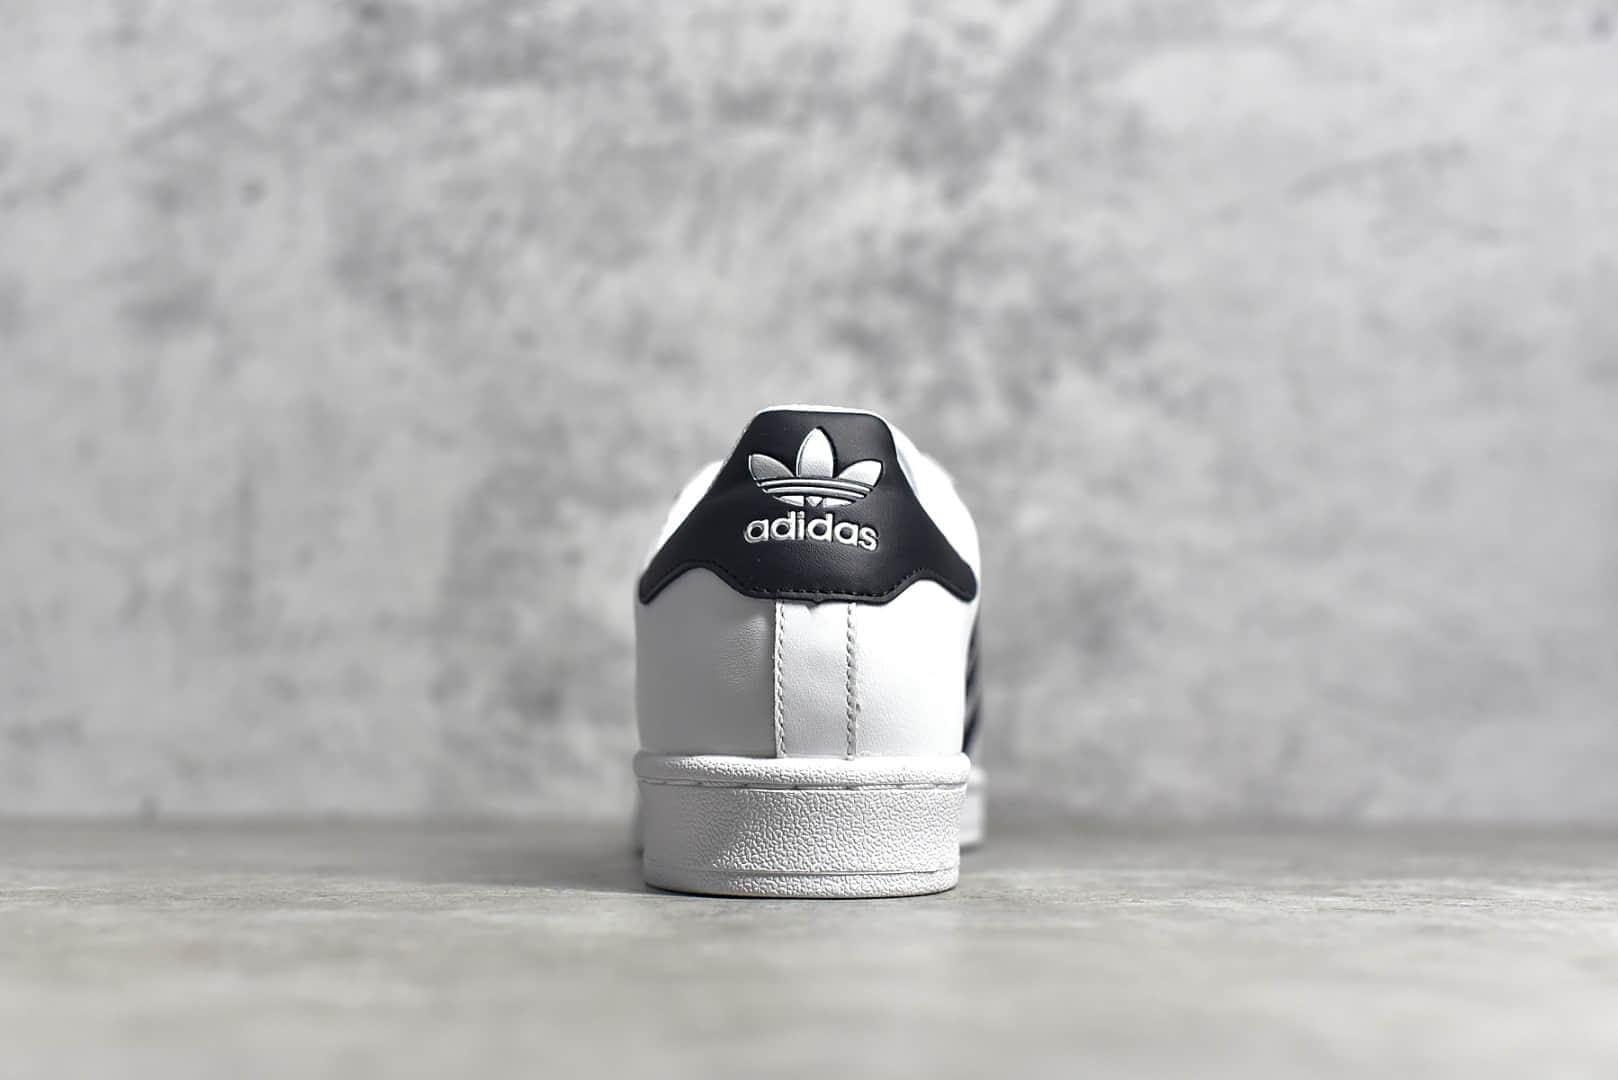 阿迪达斯三叶草贝壳头白黑金标板鞋 adidas Originals Superstar 纯原版本莆田顶级贝壳头货源 货号:EG4958-潮流者之家